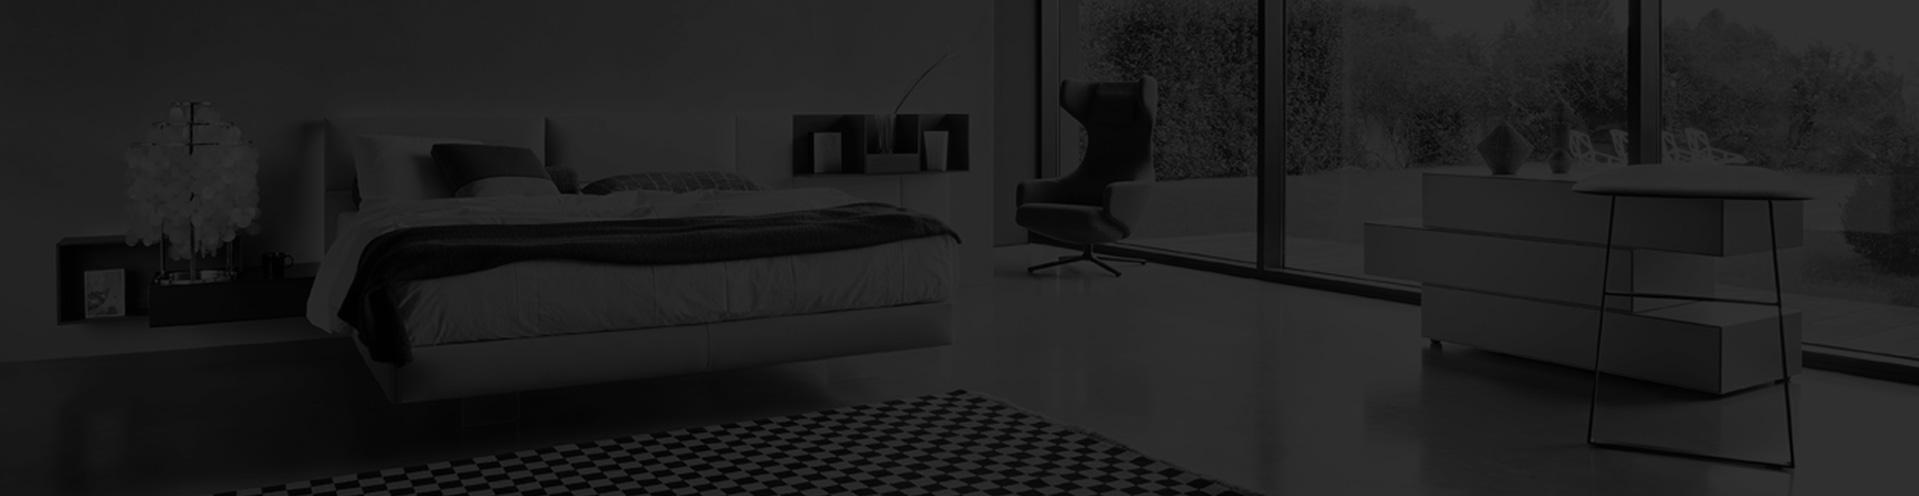 Camere da letto mobili brazzorotto for Piani casa bungalow 4 camere da letto